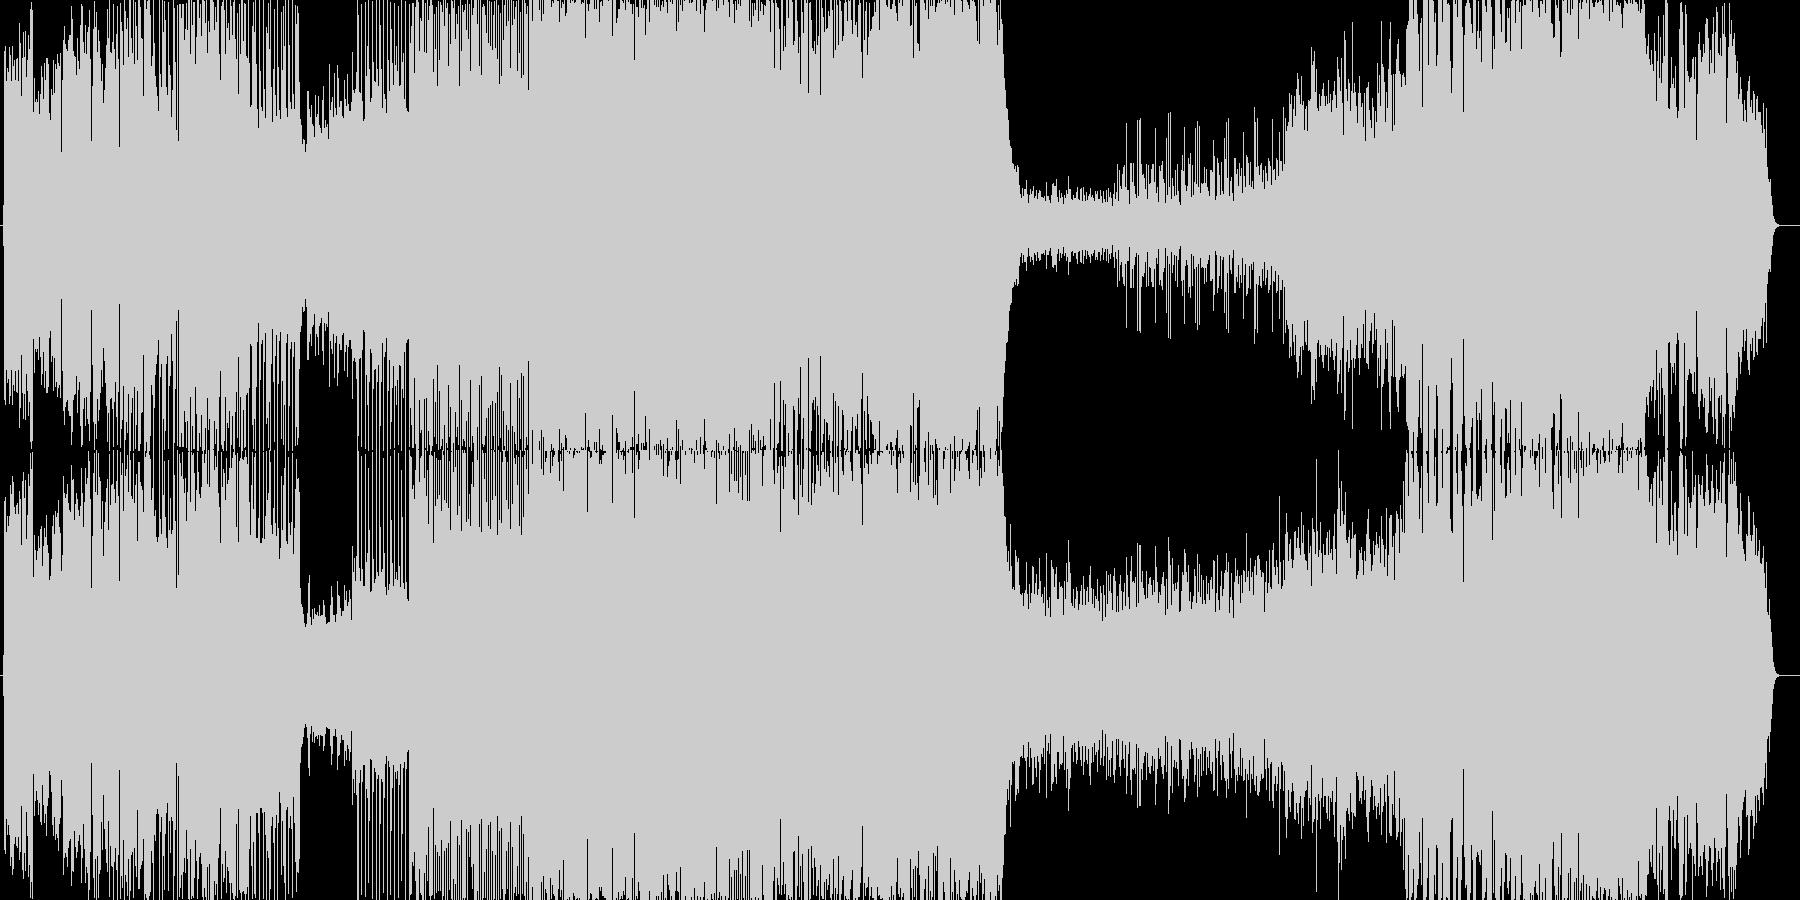 幻想的な和風曲です。また切なくもあり、…の未再生の波形